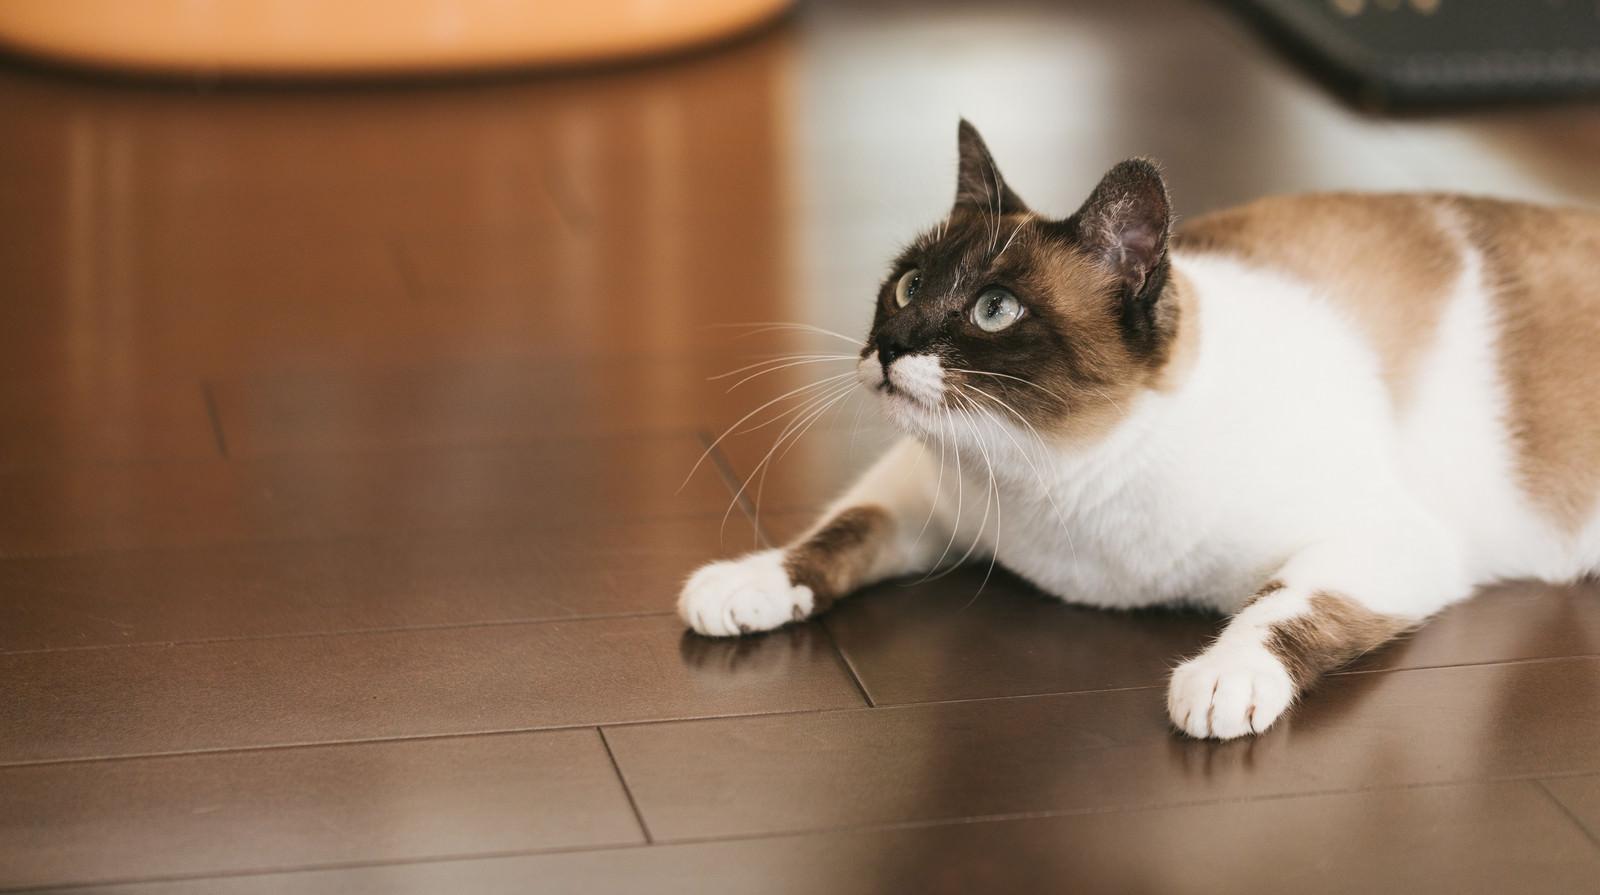 「頭上の獲物を追う猫頭上の獲物を追う猫」のフリー写真素材を拡大